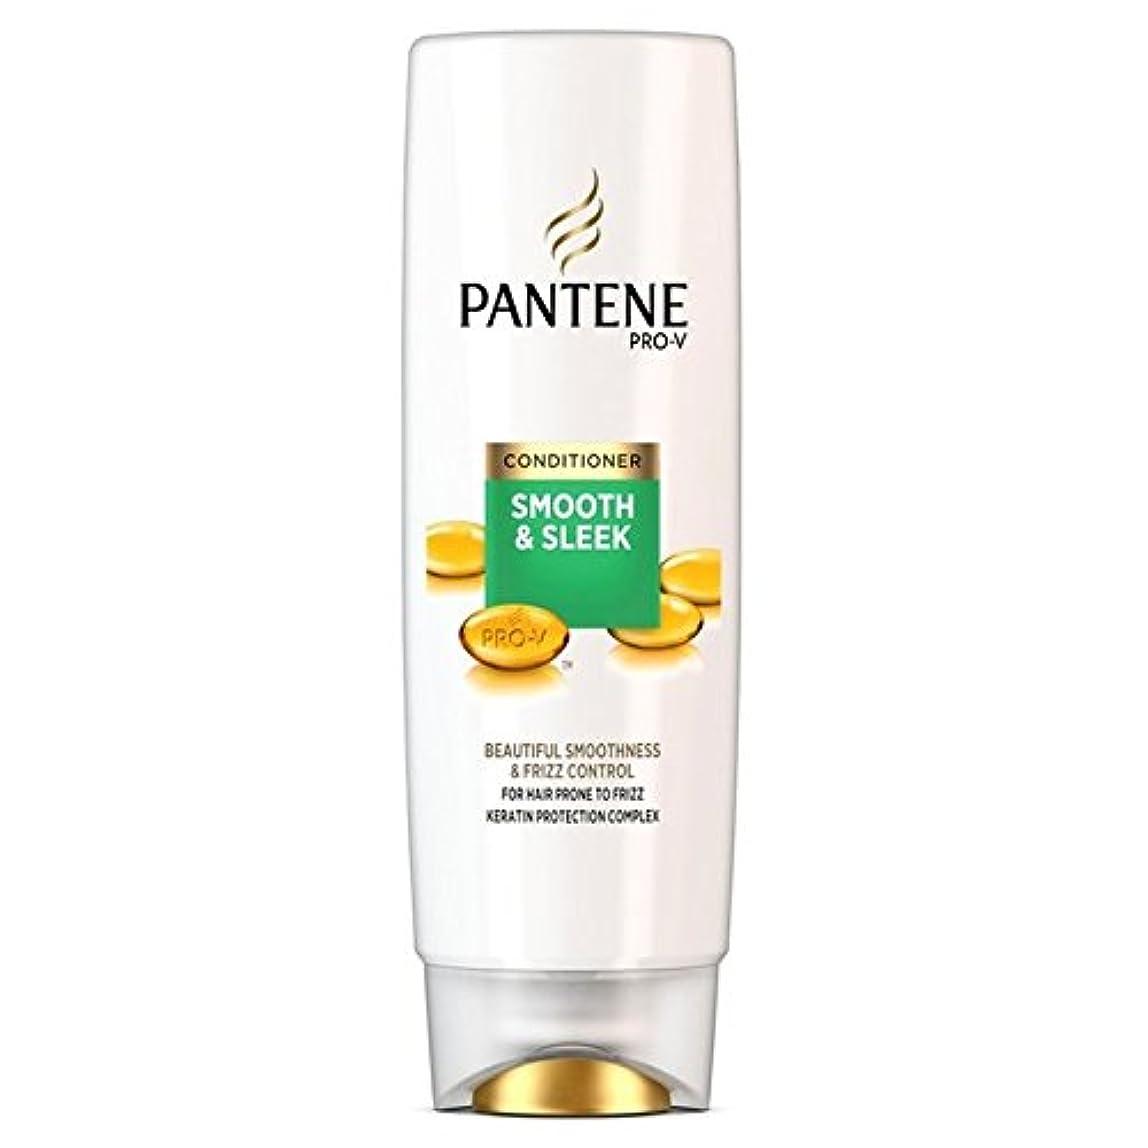 イデオロギー寄付幻滅するパンテーンコンディショナースムーズ&縮れ250ミリリットルを受けやすい髪になめらかな x4 - Pantene Conditioner Smooth & Sleek For Hair Prone to Frizz 250ml...